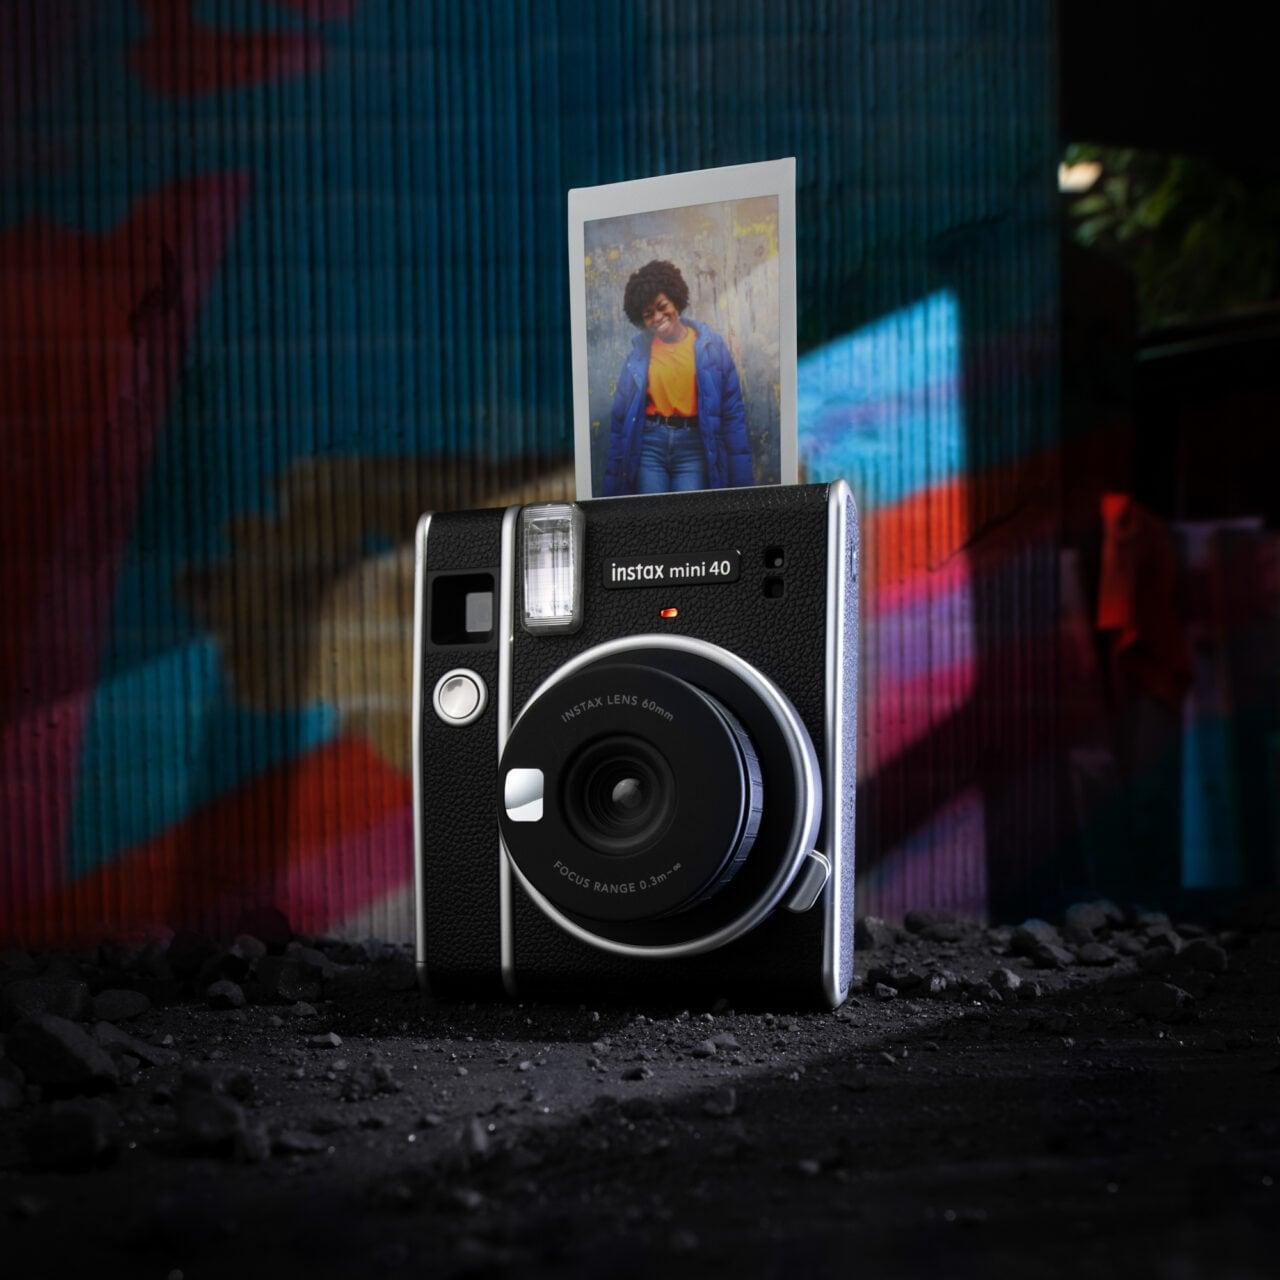 Fujifilm annuncia la instax mini 40, la nuova fotocamera istantanea senza tempo (foto)